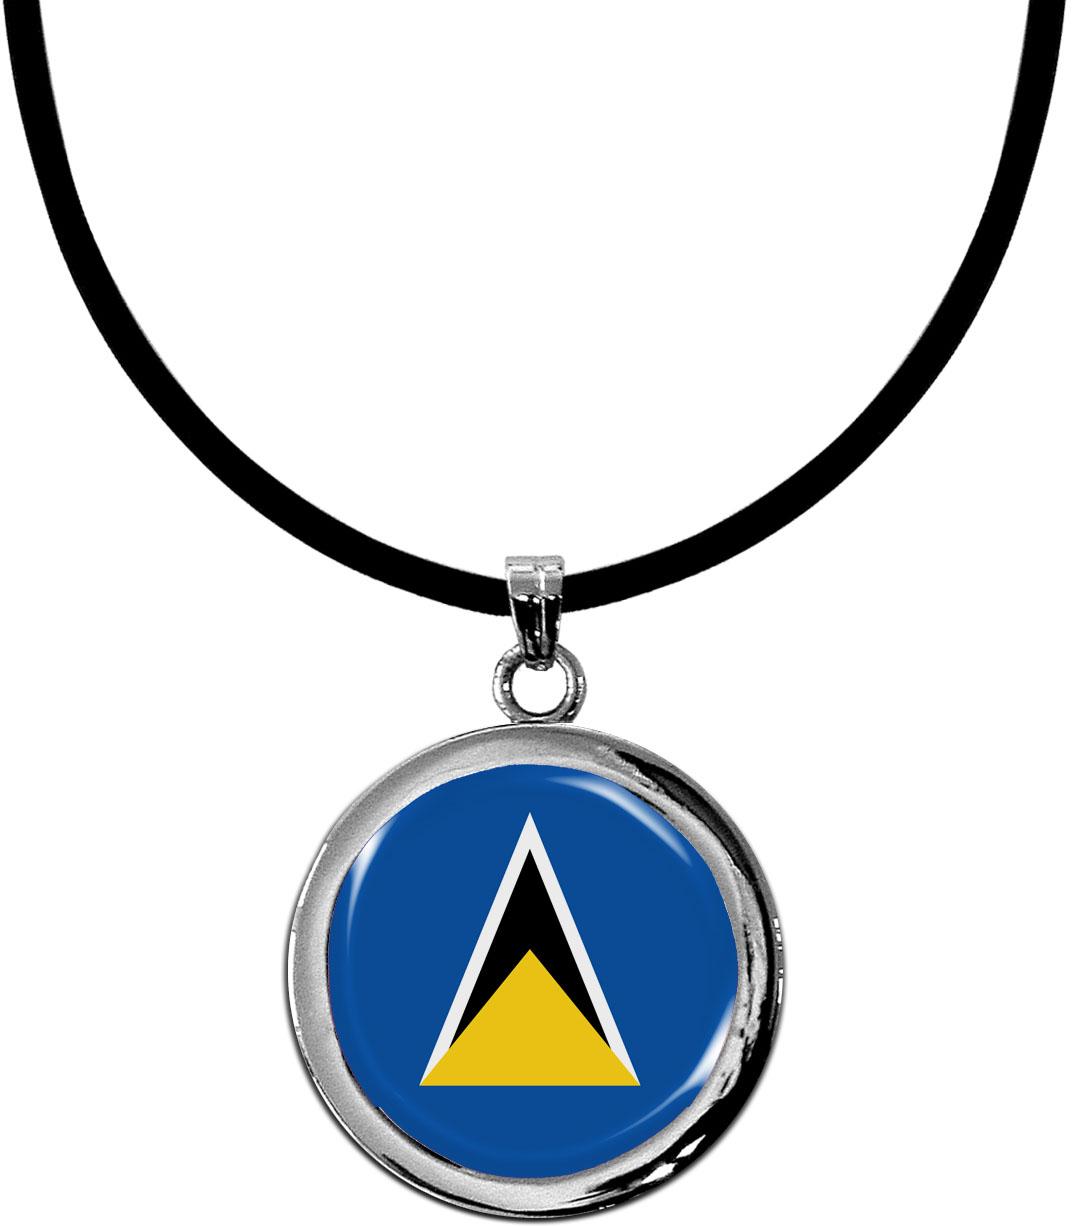 Kettenanhänger / St. Lucia / Silikonband mit Silberverschluss